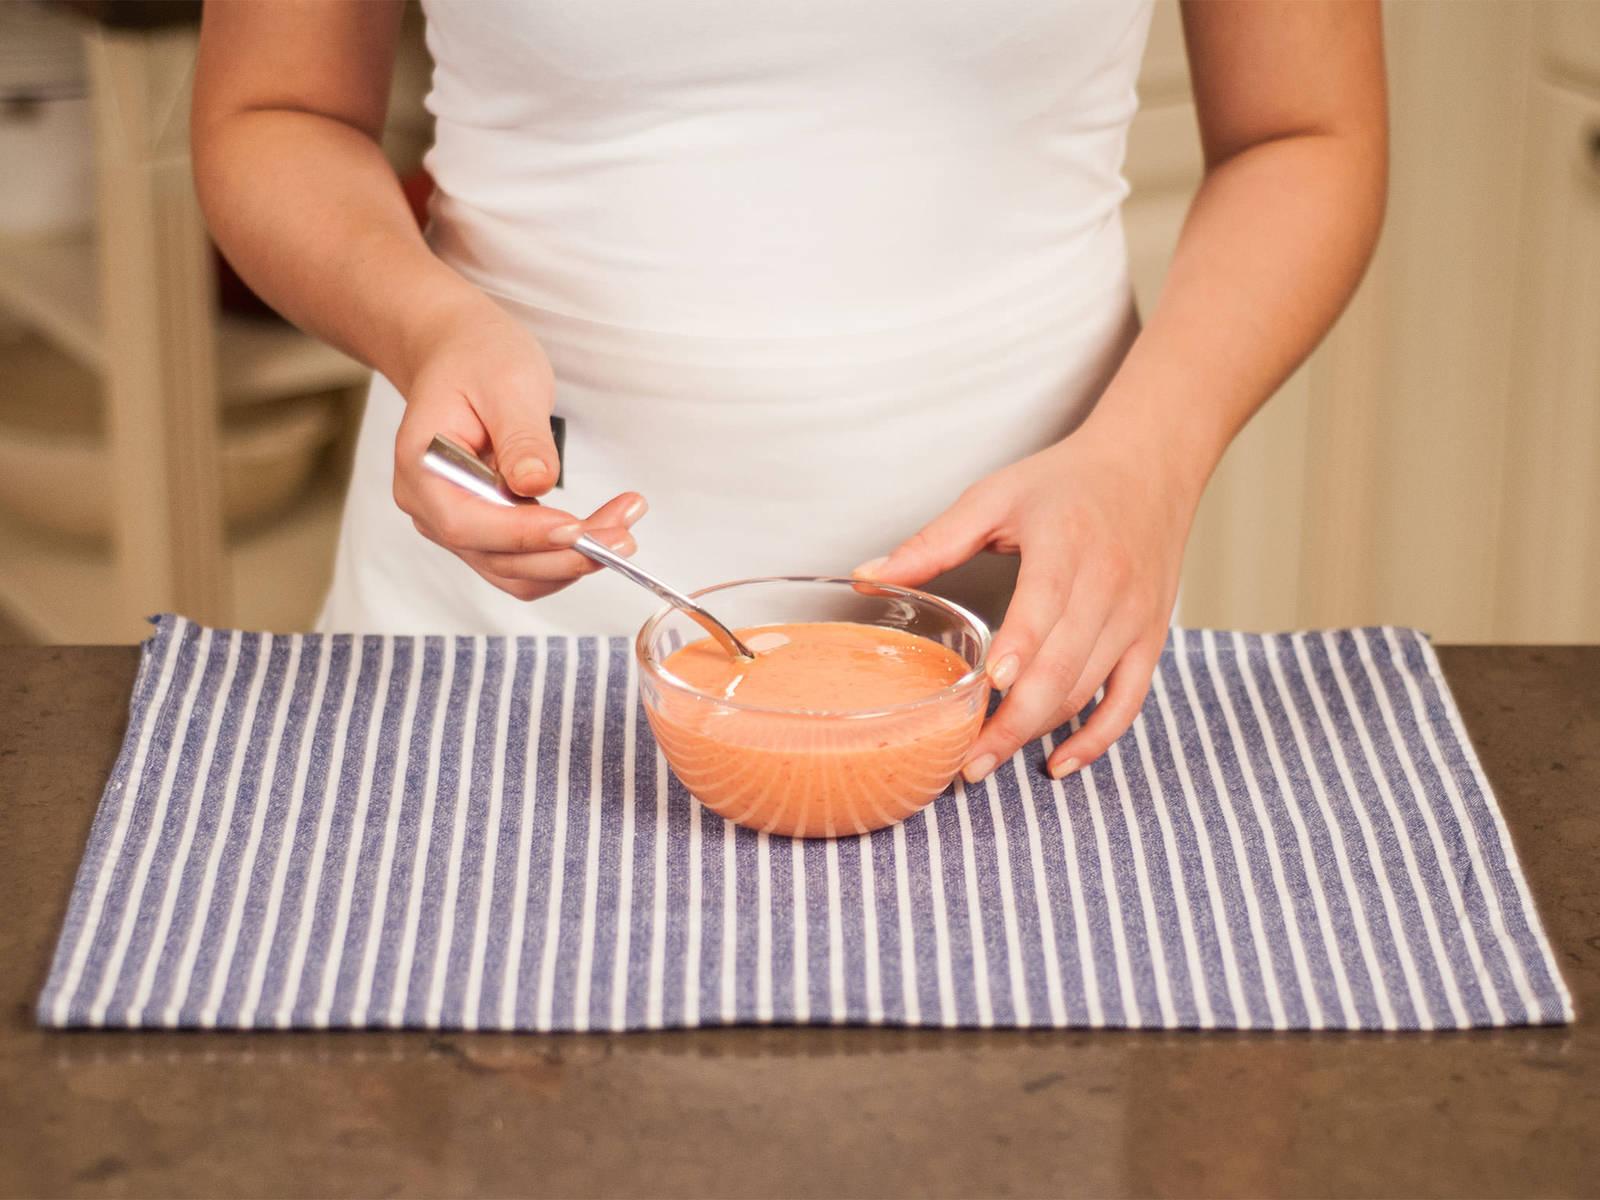 Backofen auf 180°C vorheizen. In einer kleinen Schüssel Sojasahne und Paprikapaste vermengen.